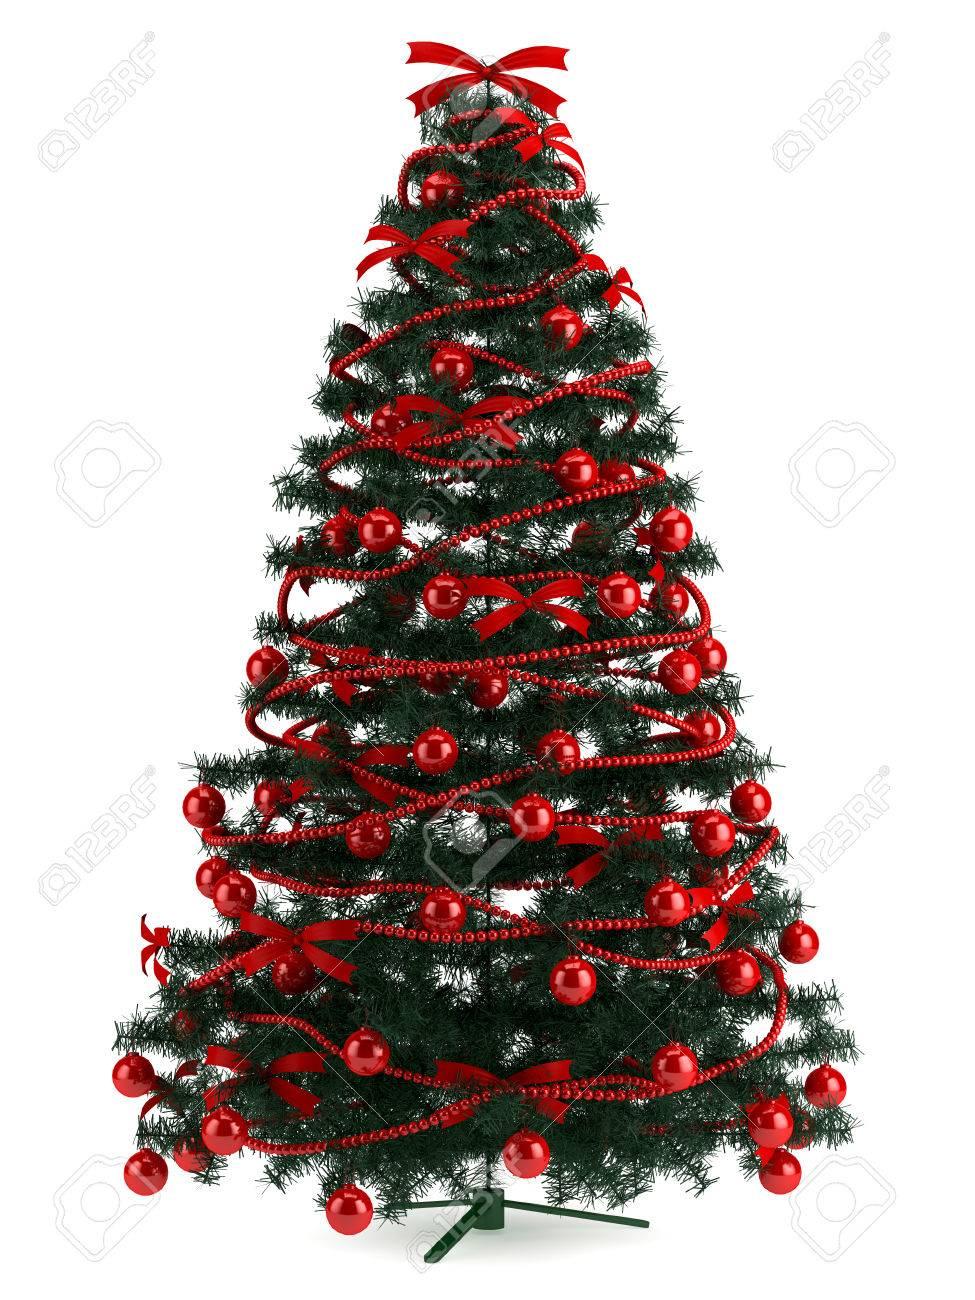 Der Weihnachtsbaum.Stock Photo